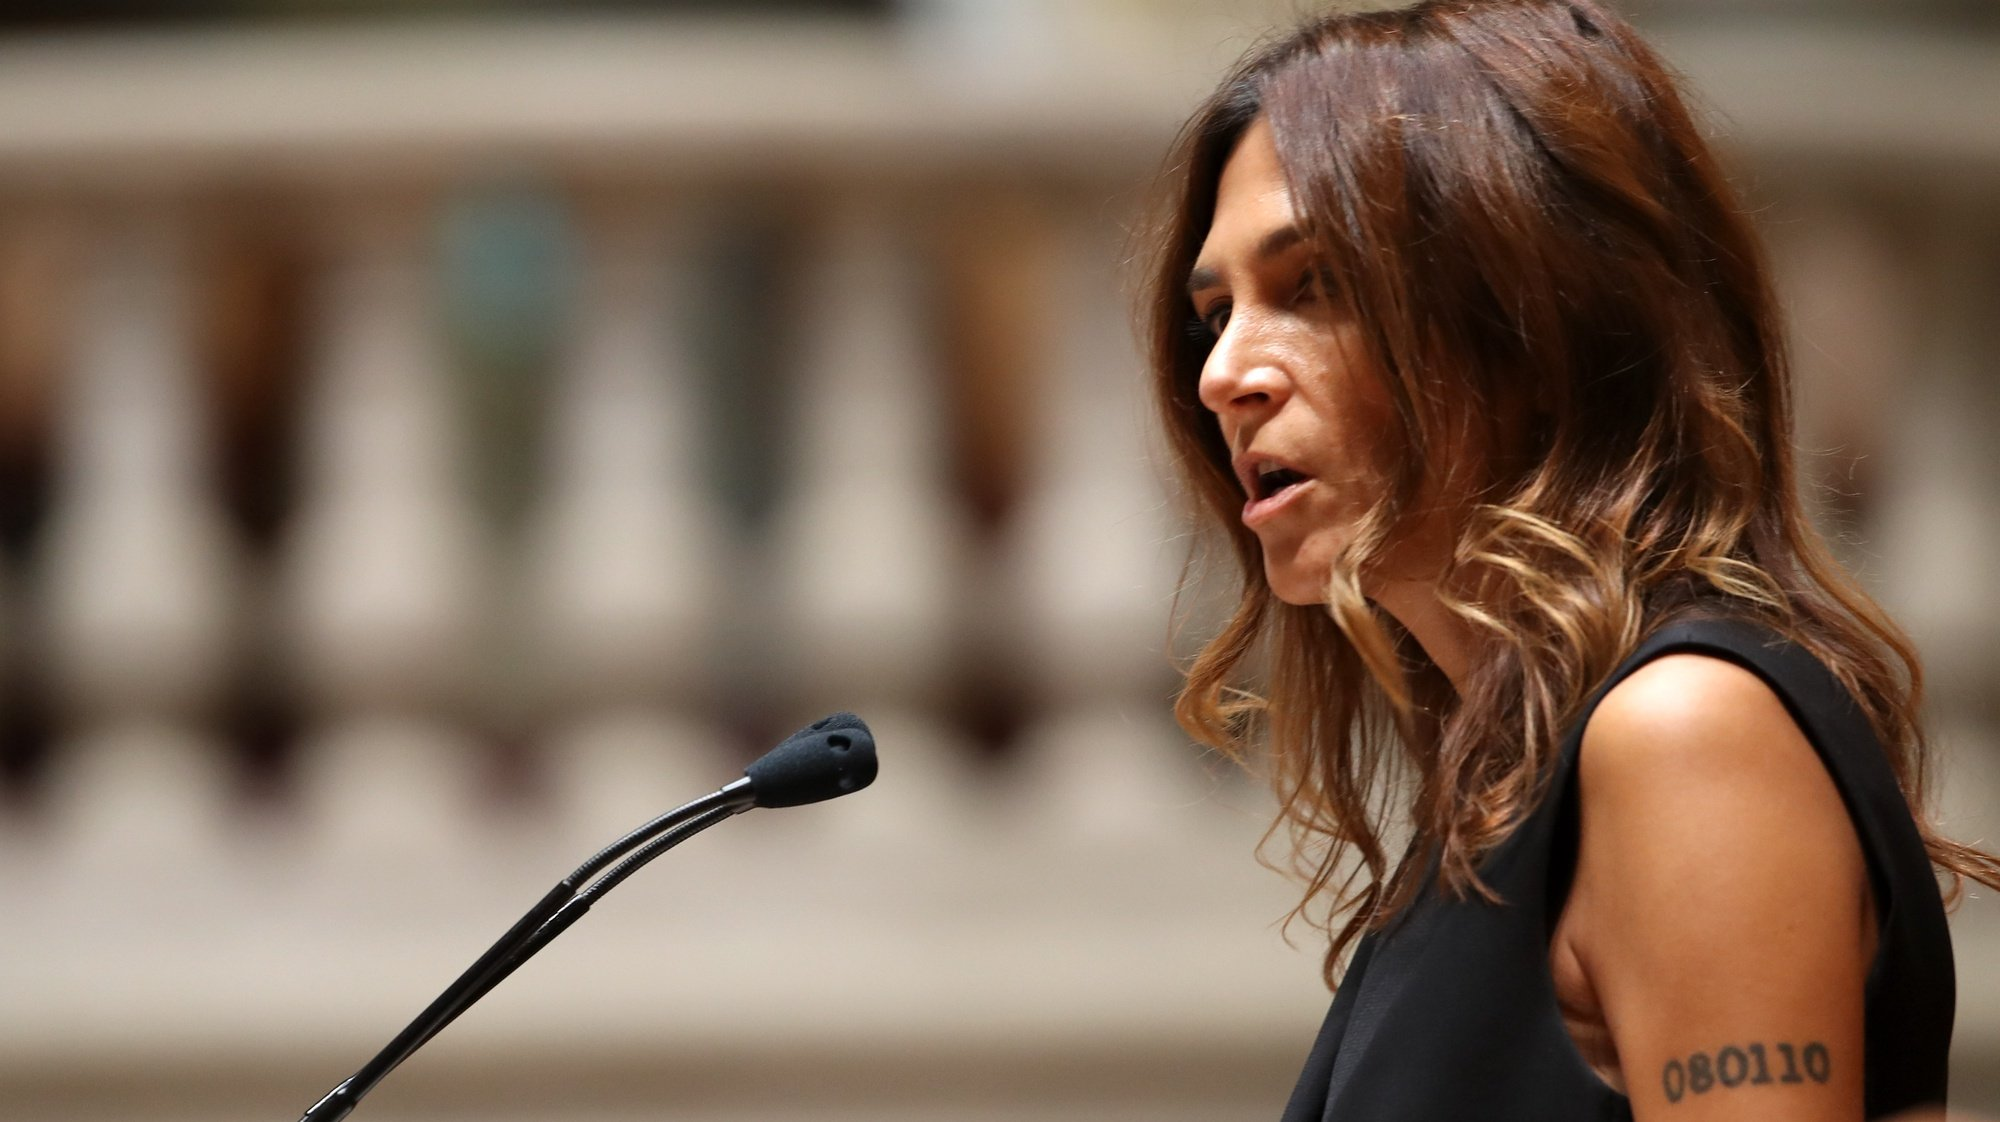 A deputada do Partido Socialista (PS), Isabel Moreira, fala durante a sessão plenária sobre o Projeto de Resolução n.º 679/XIV/2.ª, que propõe a realização de um referendo sobre a (des)penalização da morte a pedido (eutanásia), na Assembleia da República, em Lisboa, 22 de outubro de 2020.  MANUEL DE ALMEIDA/LUSA